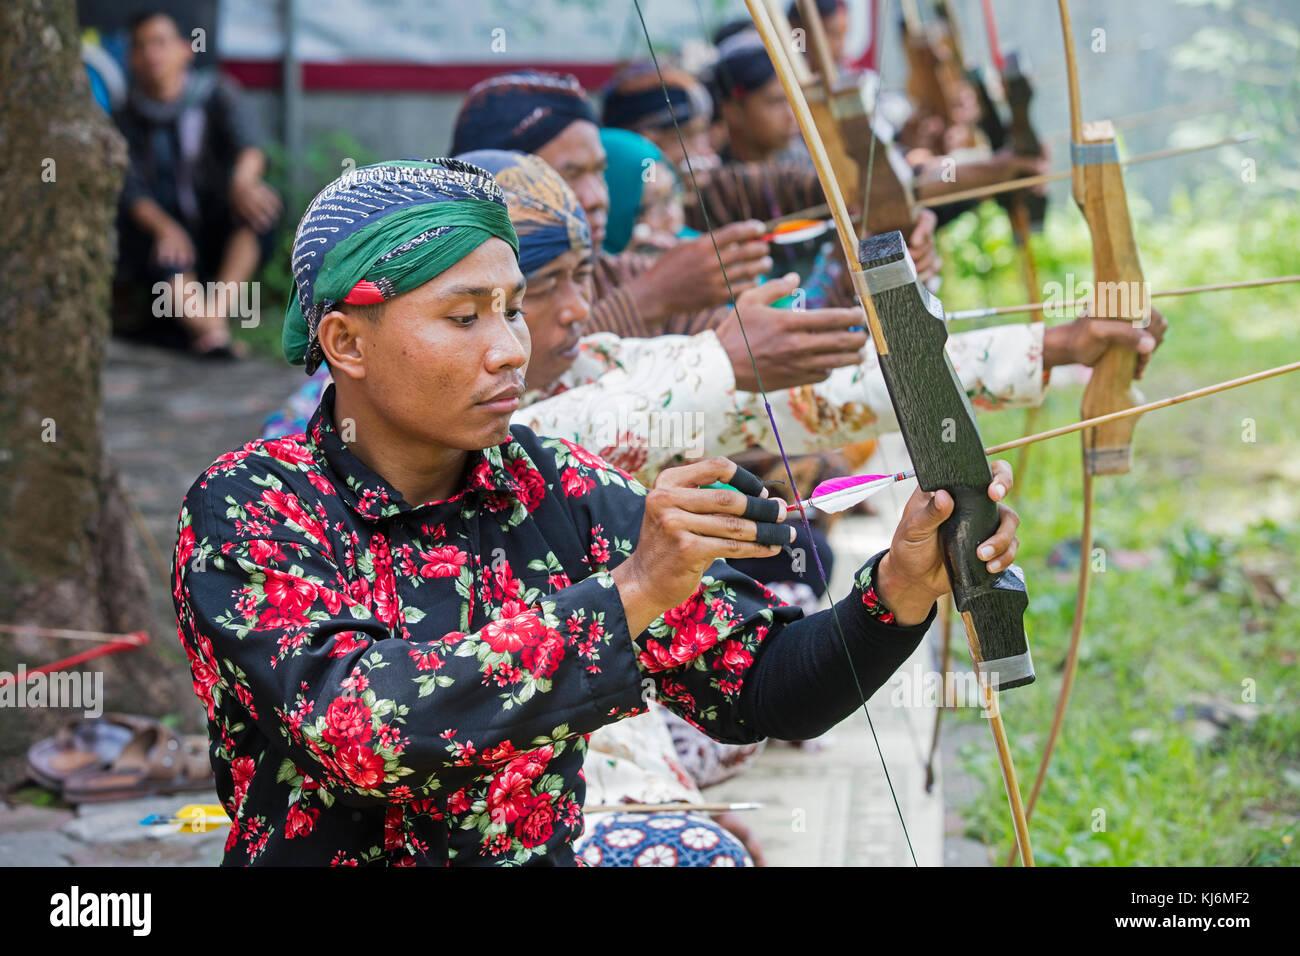 Indonesische Männer üben jemparingan/traditionellen javanischen Bogenschießen Mit Pfeil und Bogen Stockbild